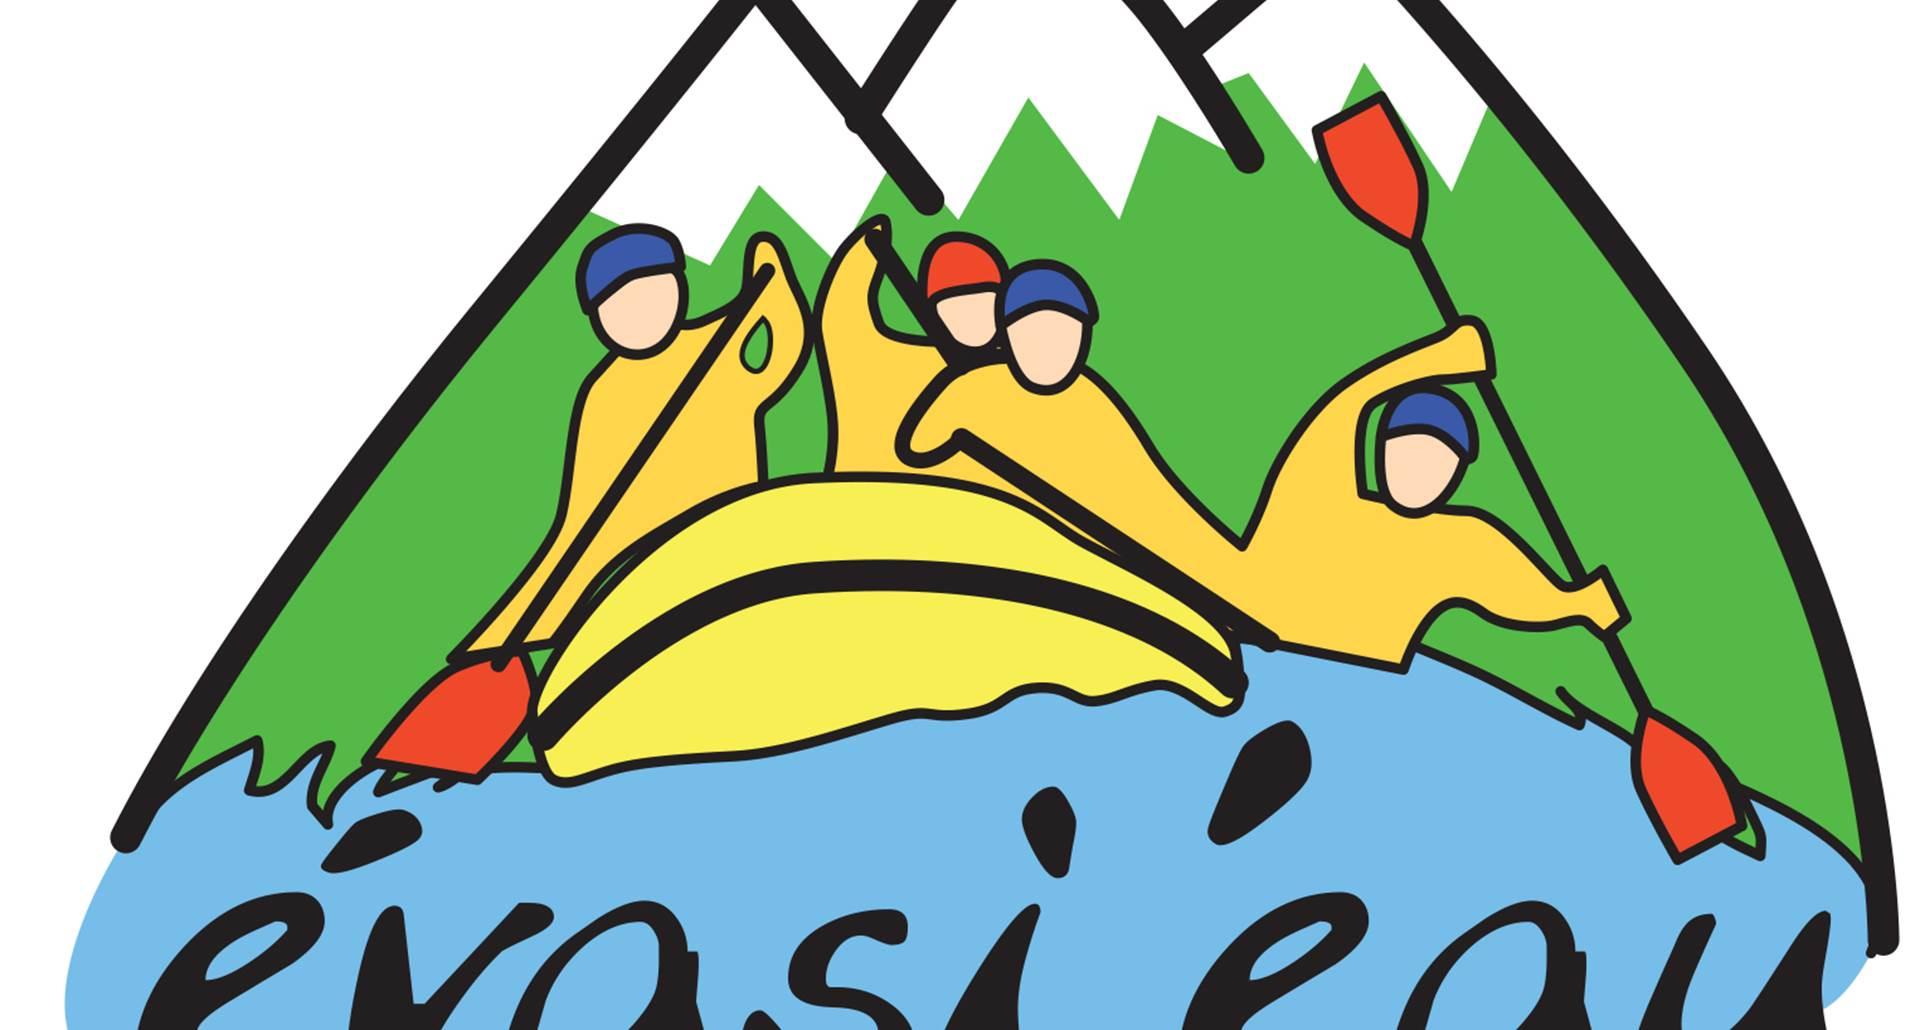 Logo evasio